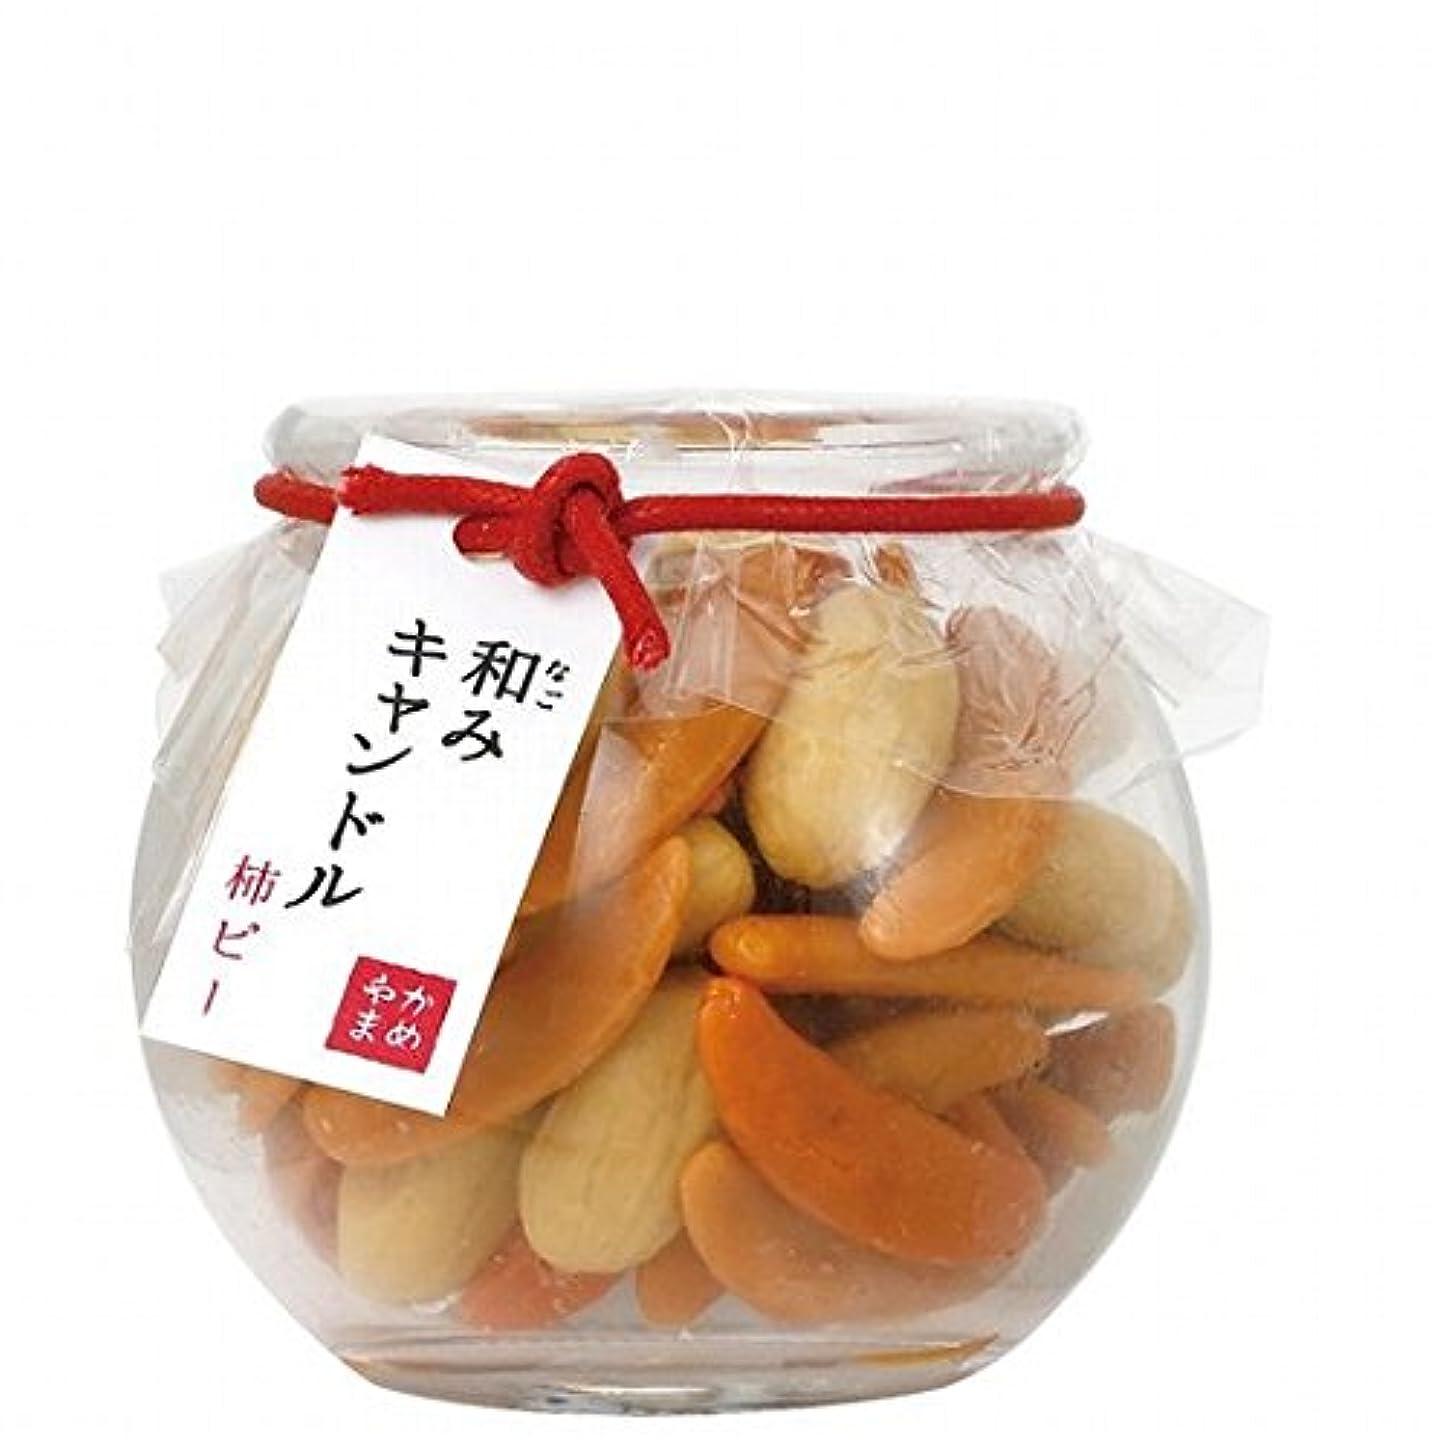 贈り物生デイジーカメヤマキャンドル(kameyama candle) 和みキャンドル 「柿ピー」